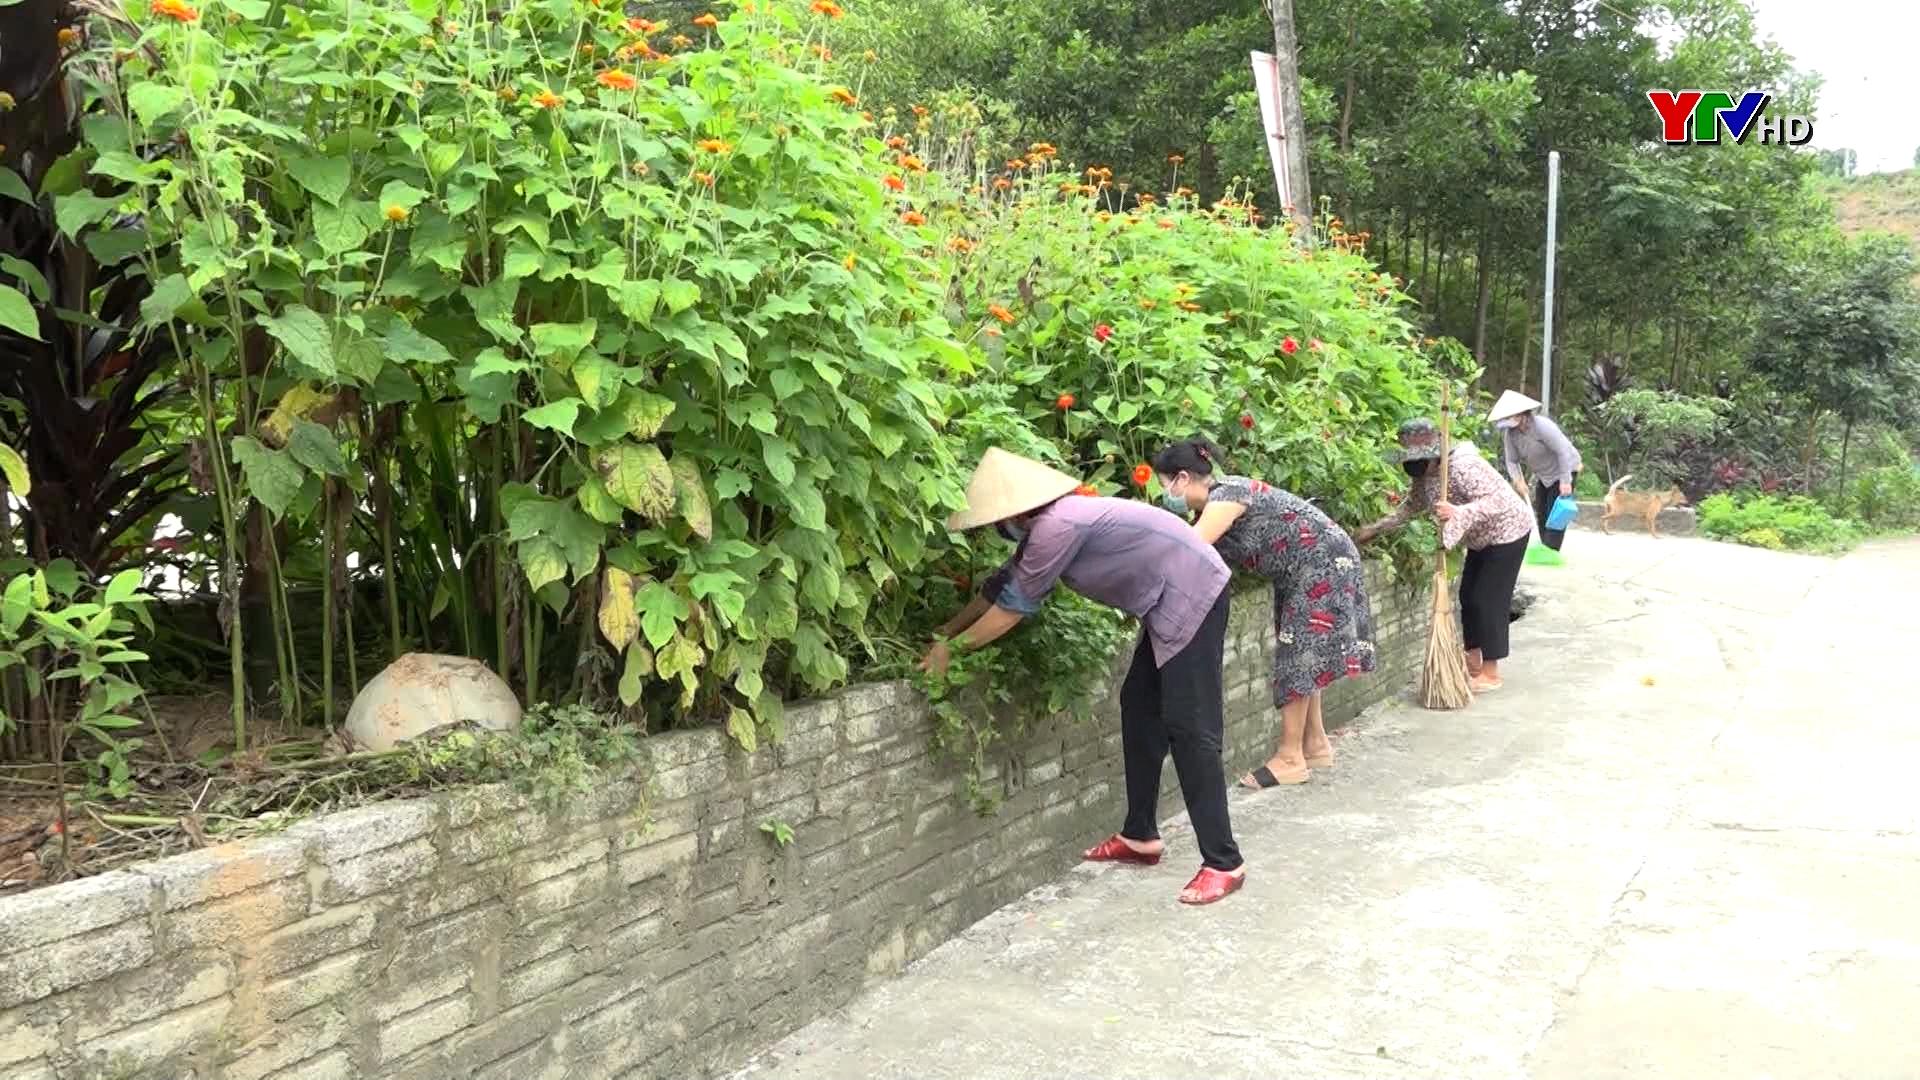 Các cấp hội phụ nữ TP Yên Bái tích cực xây dựng nông thôn mới và đô thị văn minh